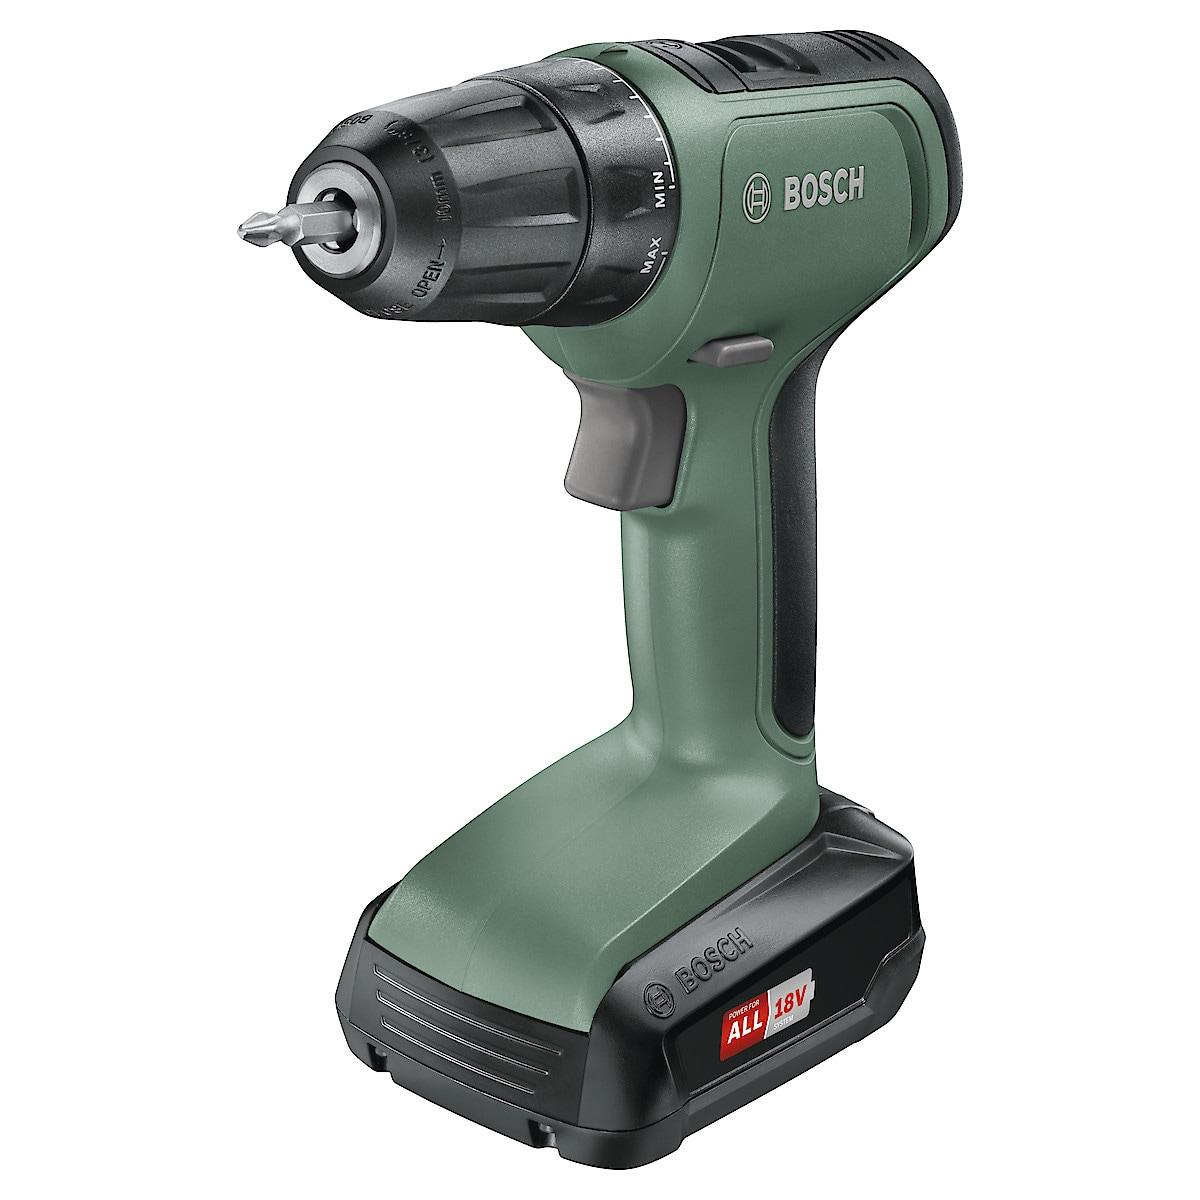 Bosch Universal Drill 18 skruvdragare